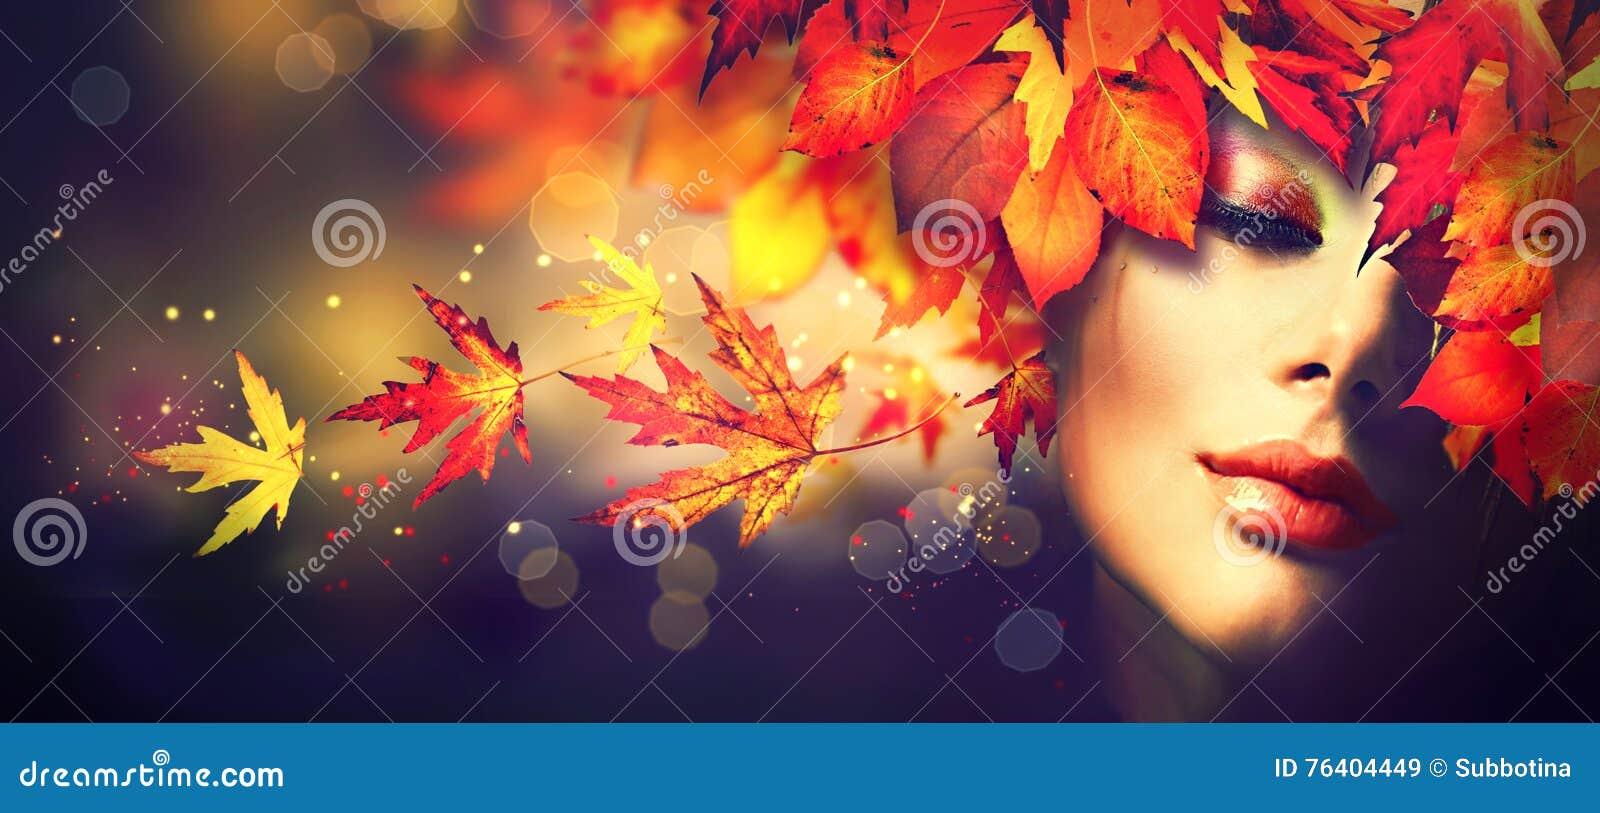 Fall Schönheitsmädchen mit bunter Herbstlaubfrisur